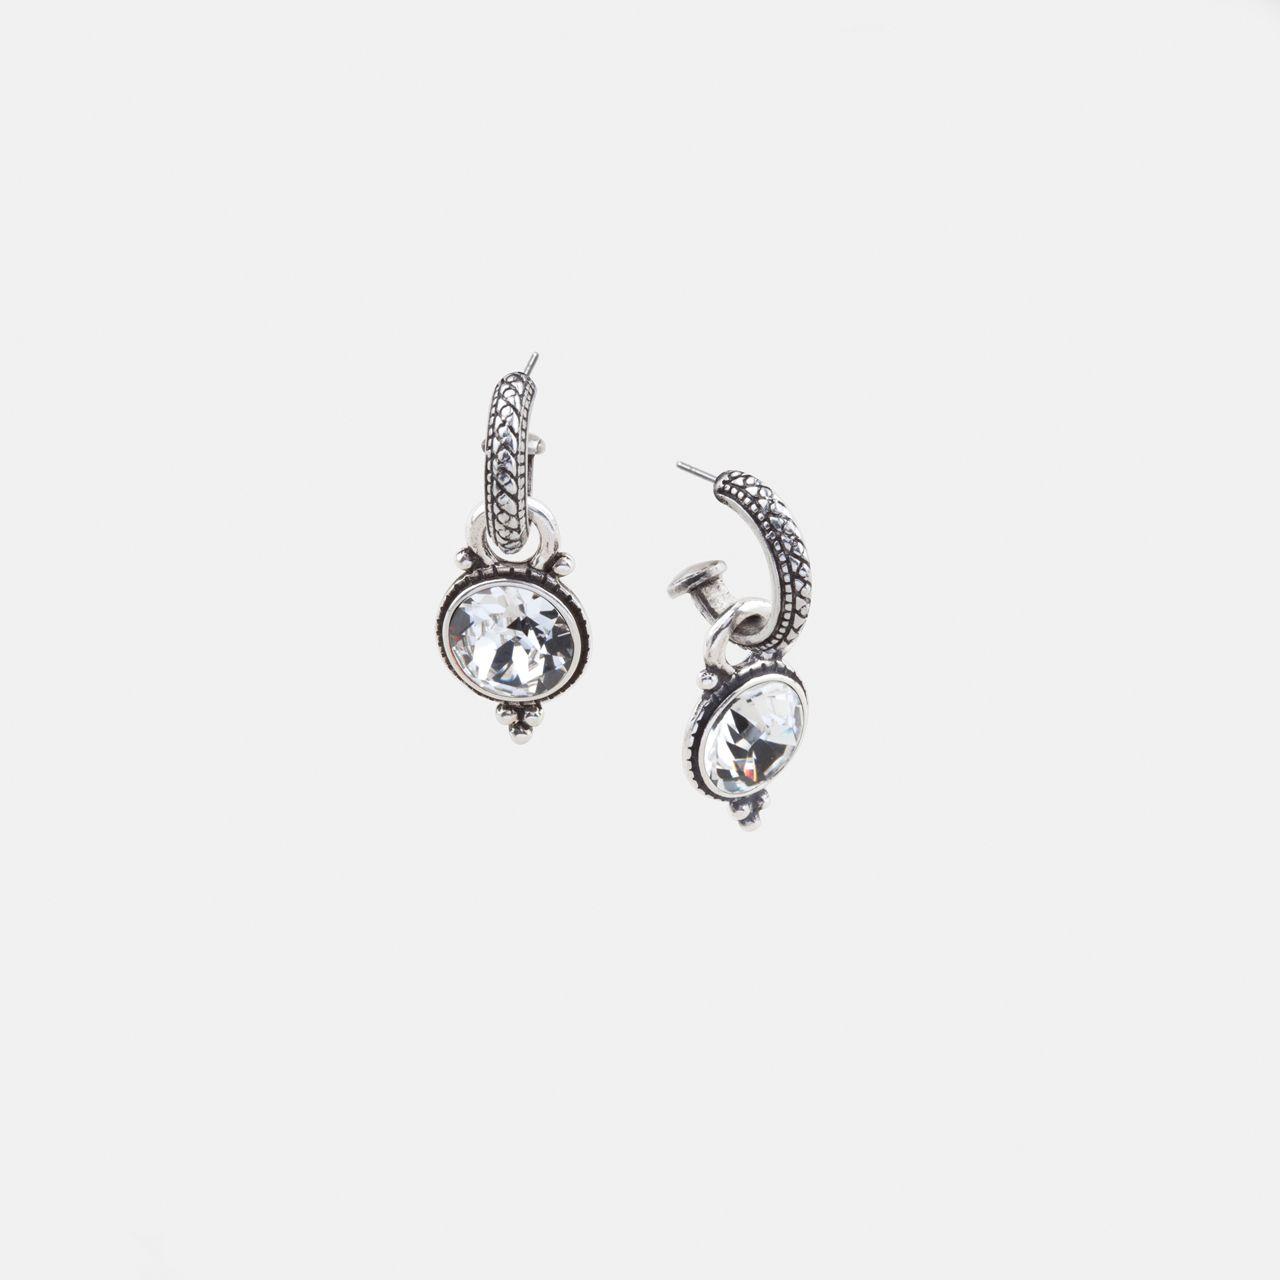 Miglio Born To Shine Earring Bars C6cQT